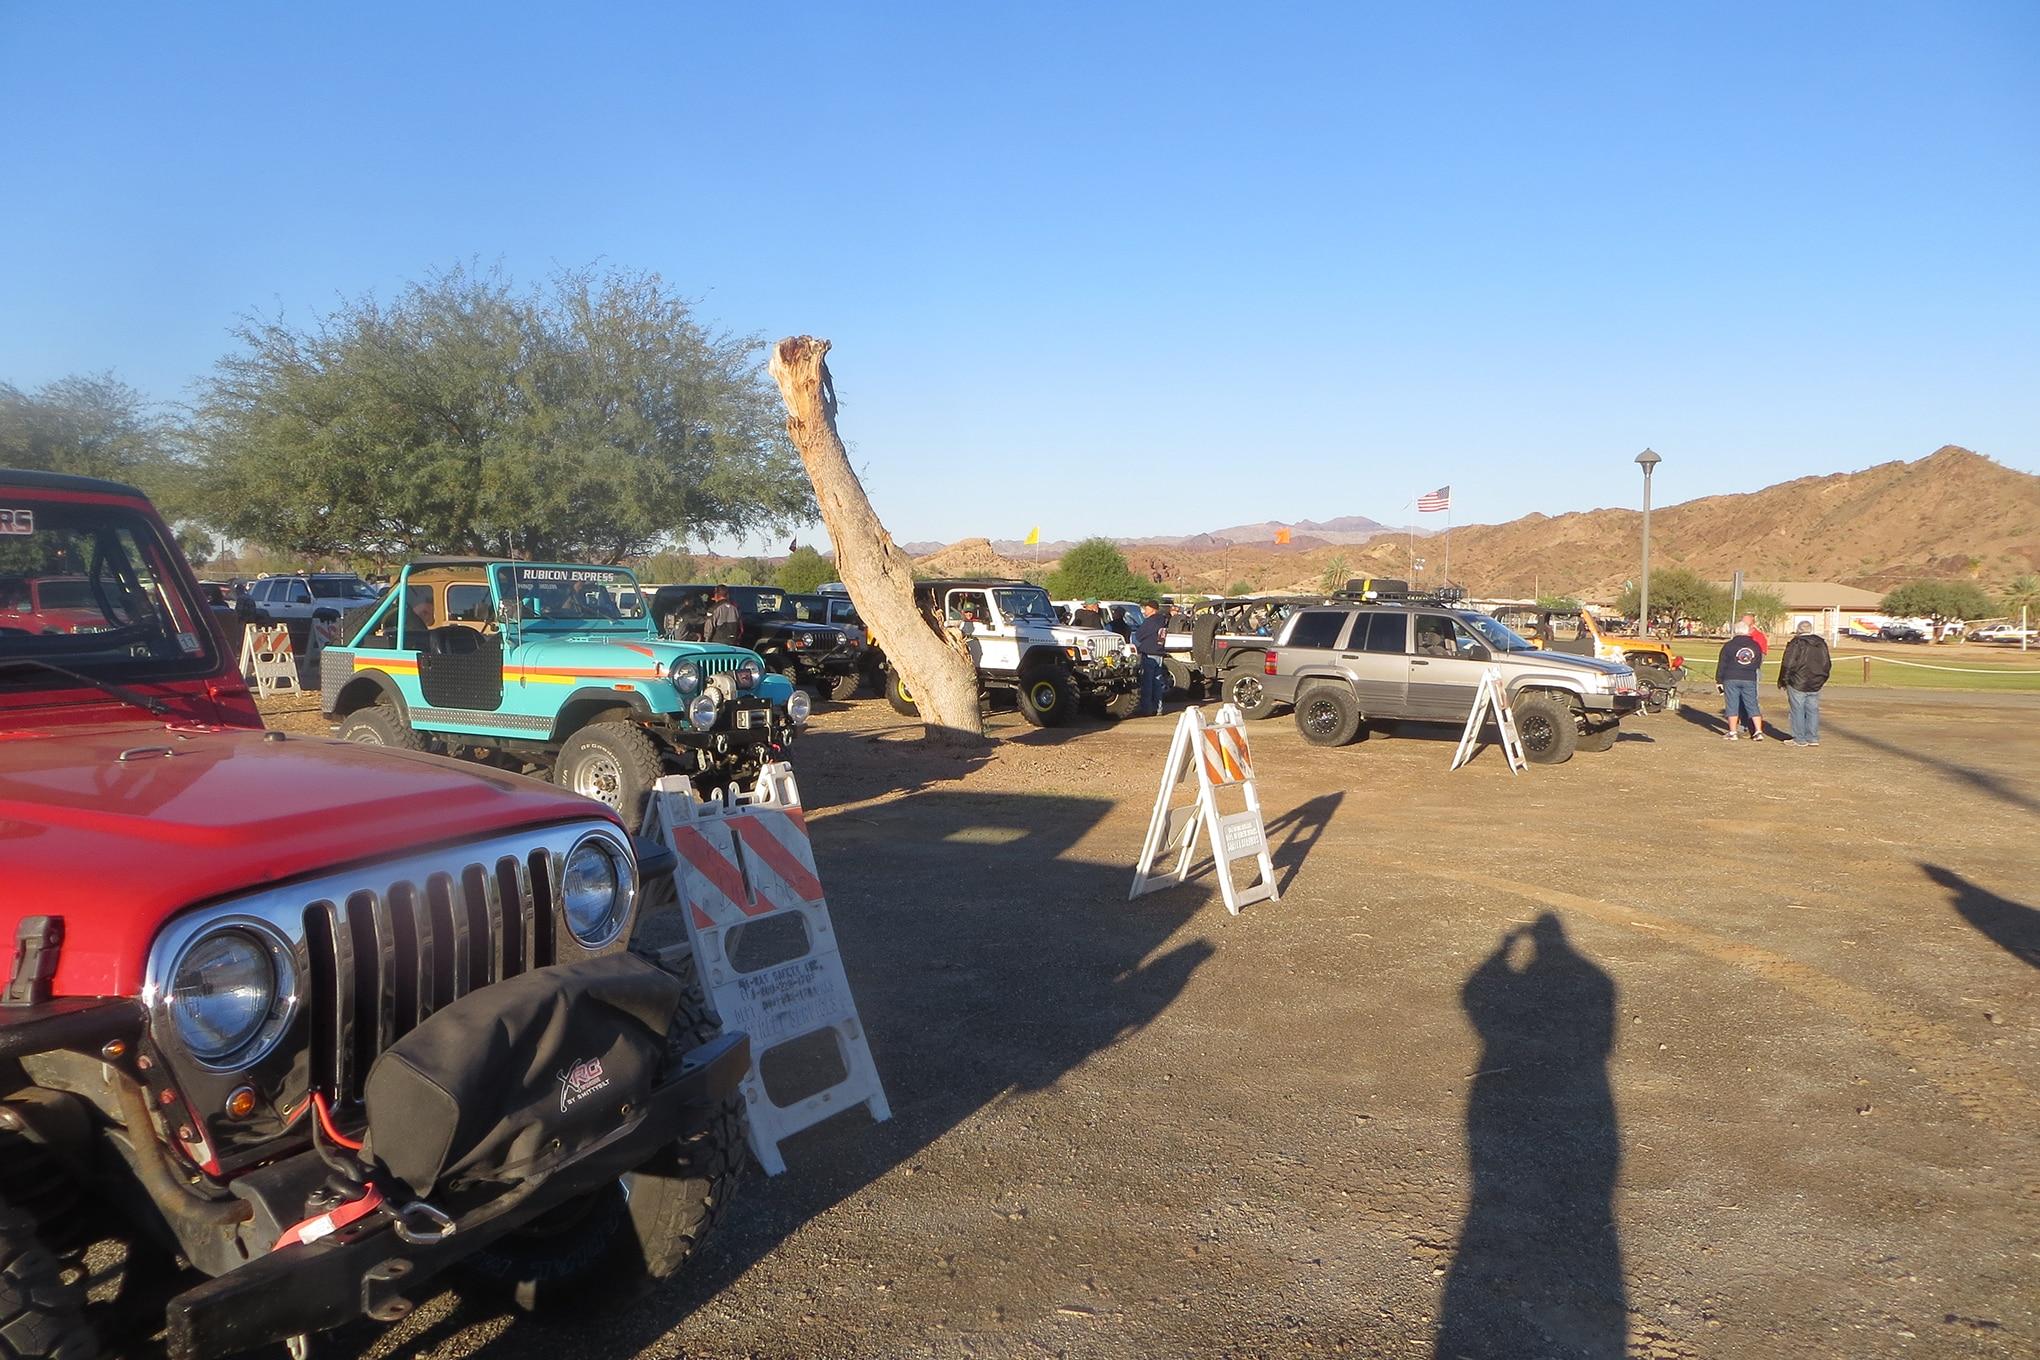 002 2015 desert splash line up jeeps